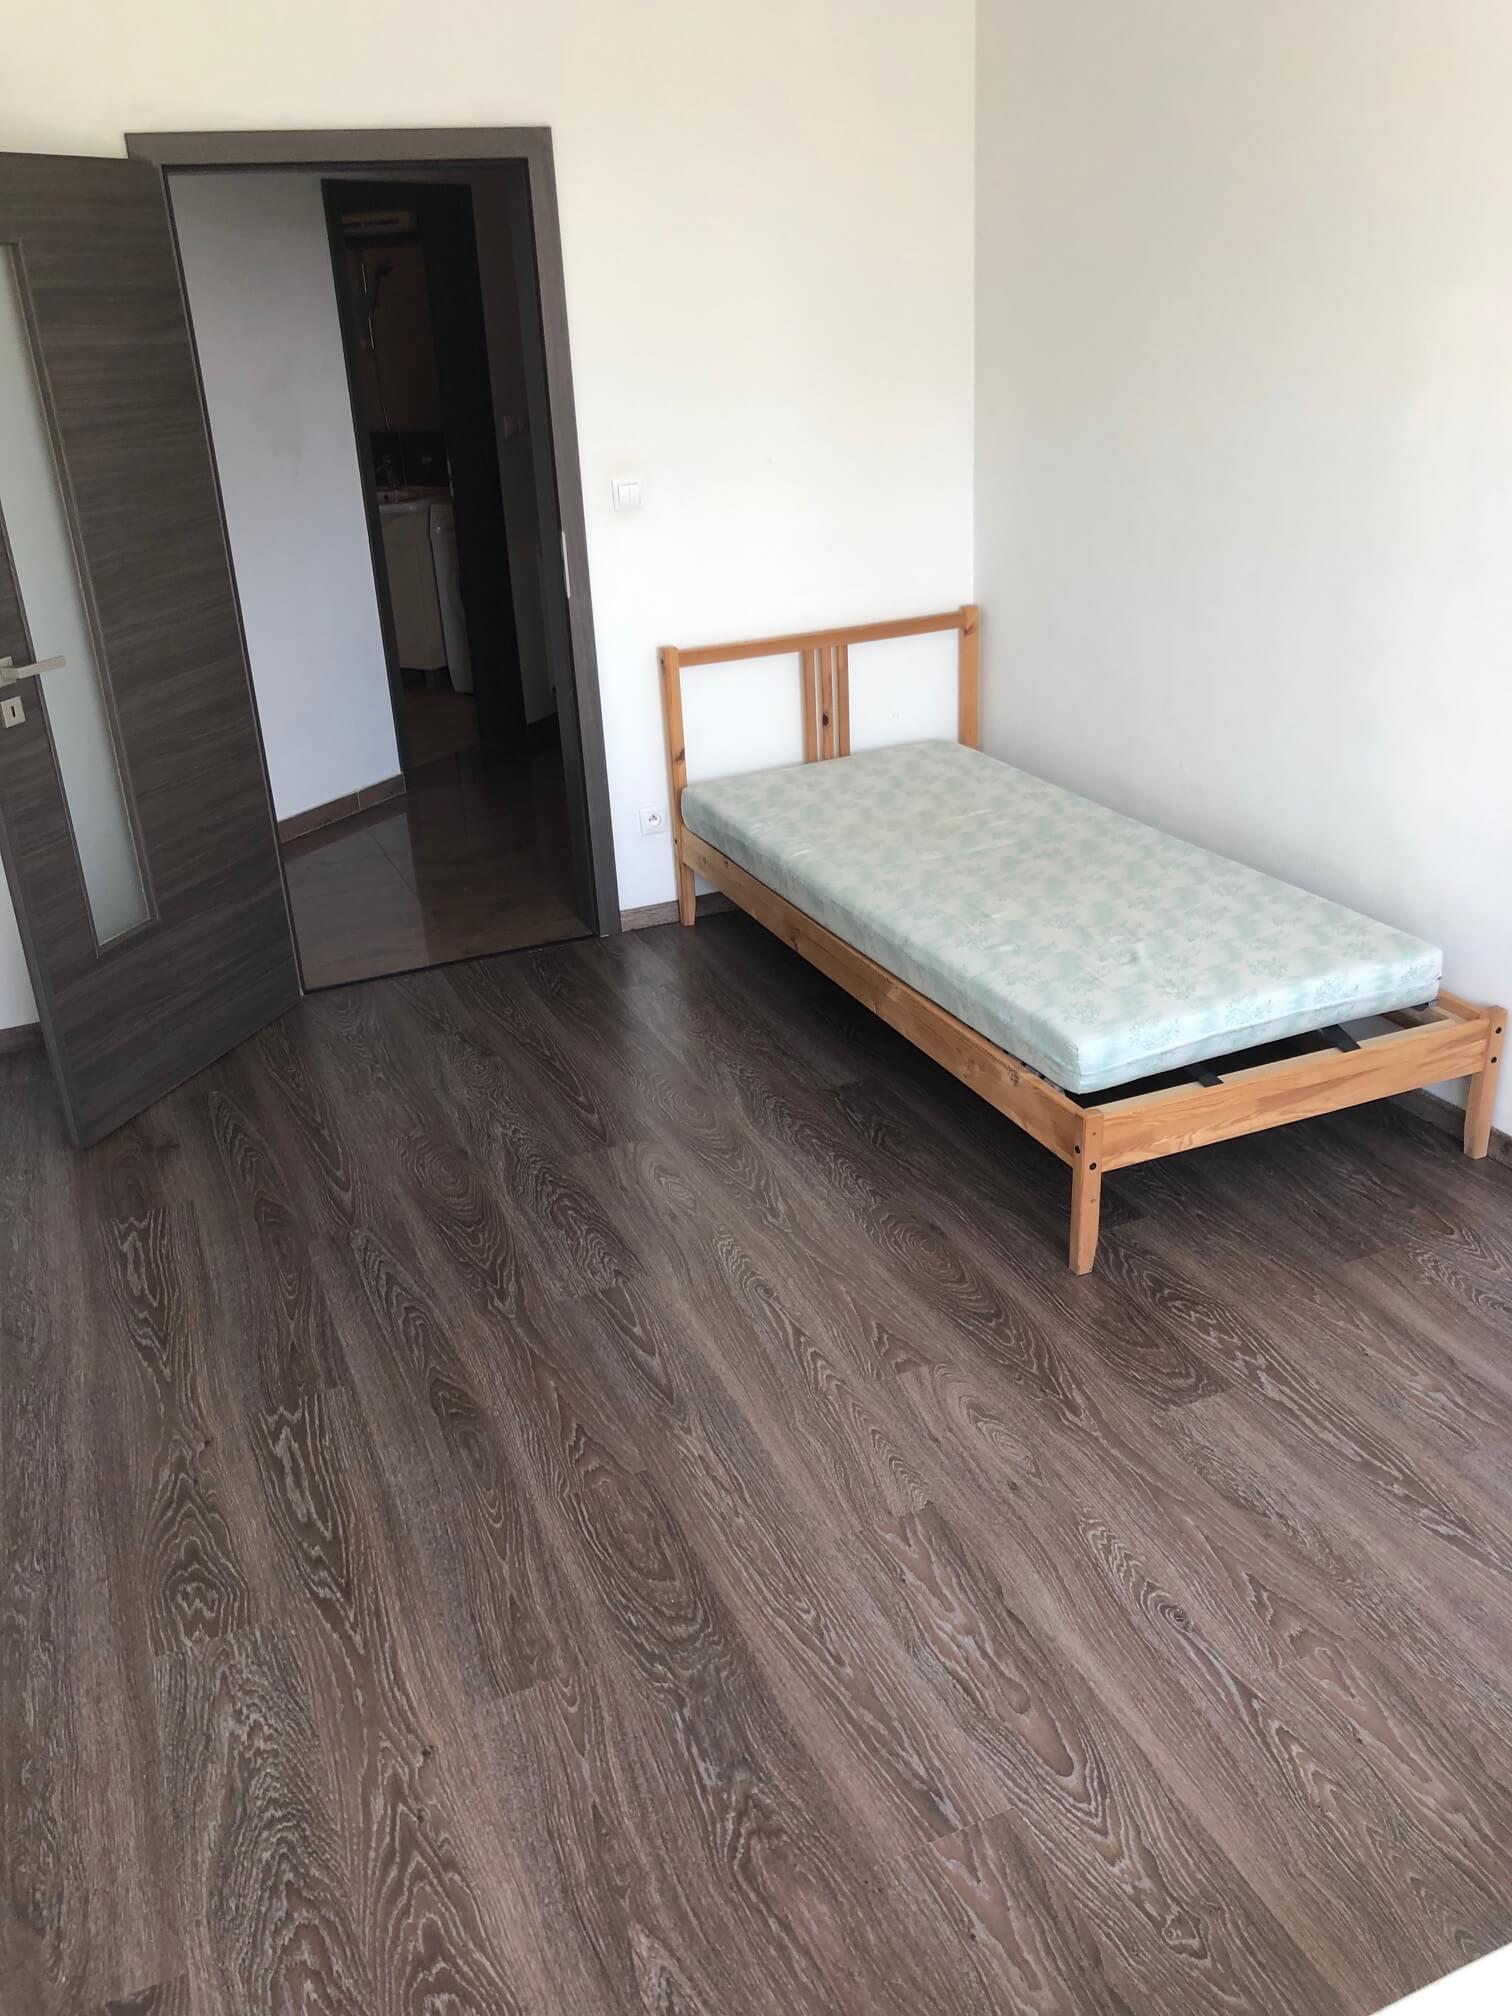 Predané: 3 izbový byt, novostavba, 72,25m2, loggia 4,82m2, Staré Grunty, Karlovka, garážové státie-17